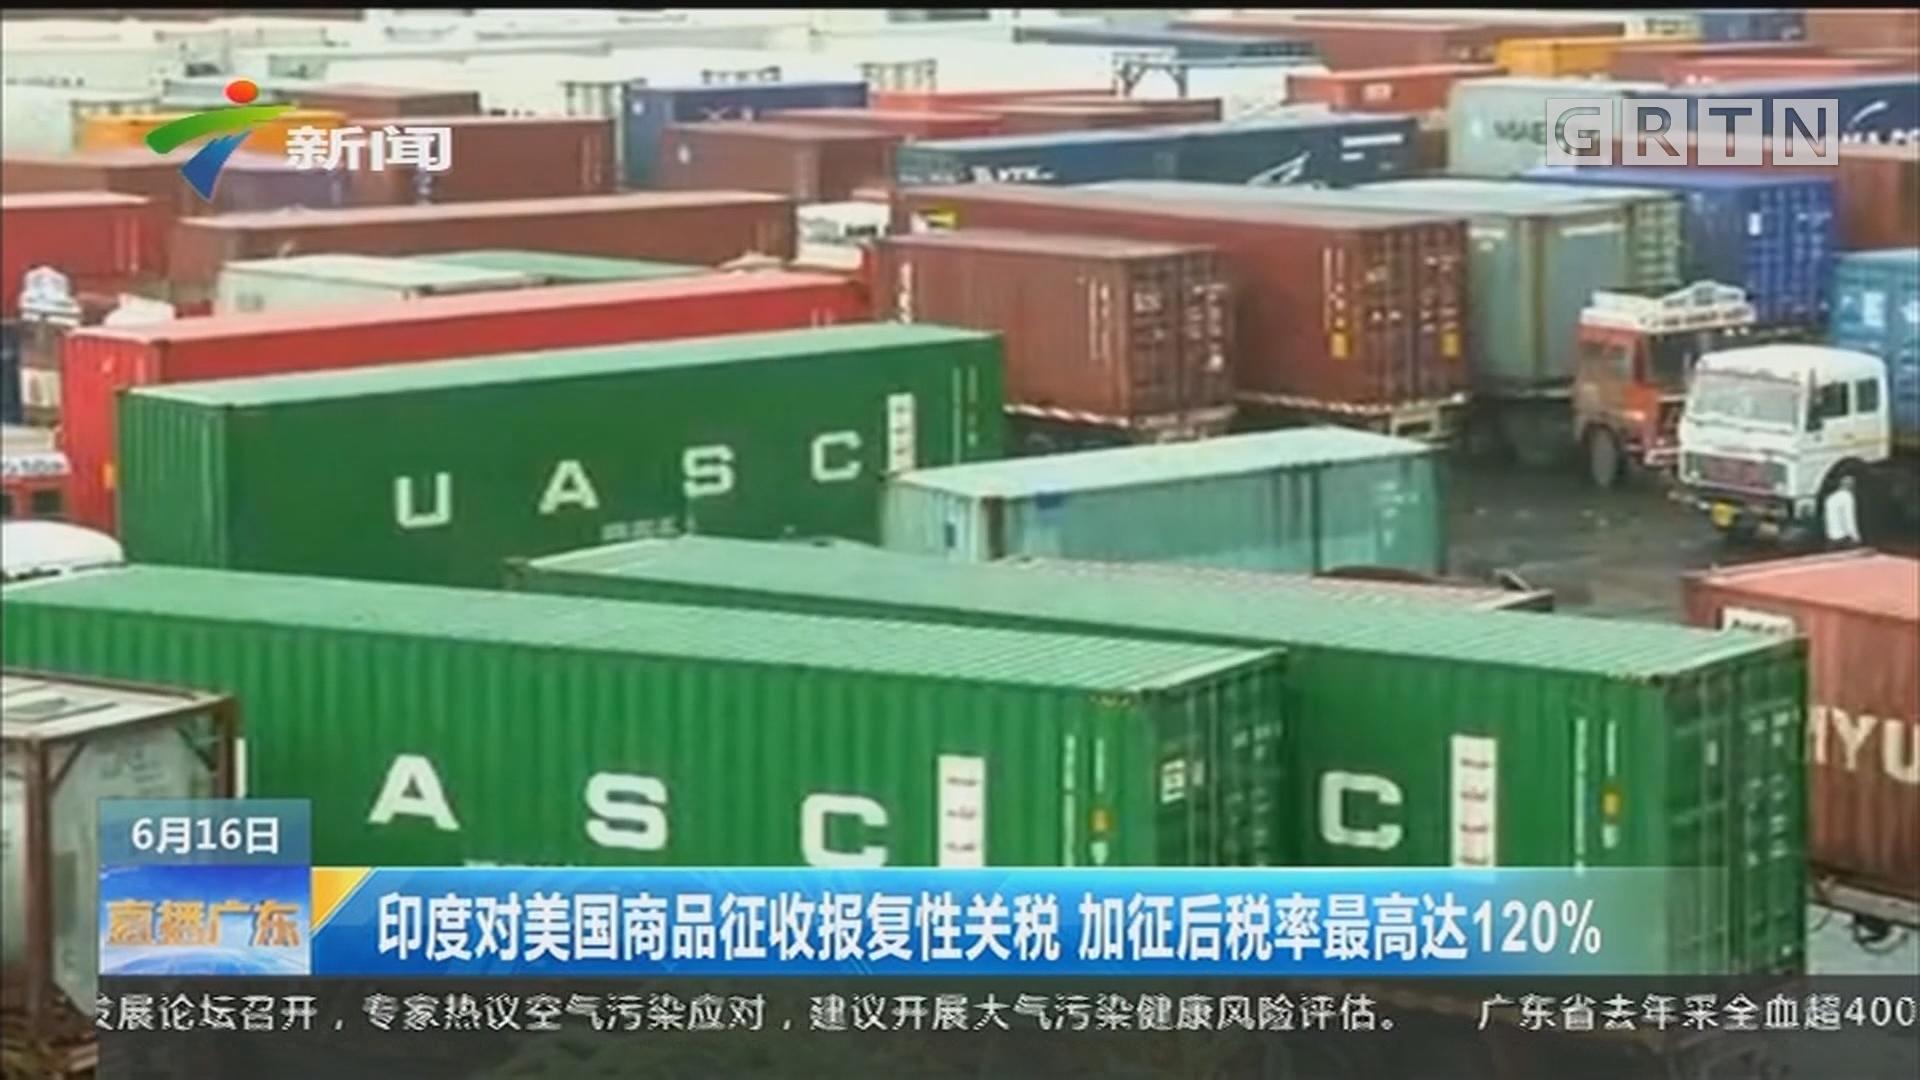 印度对美国商品征收报复性关税 加征后税率最高达120%